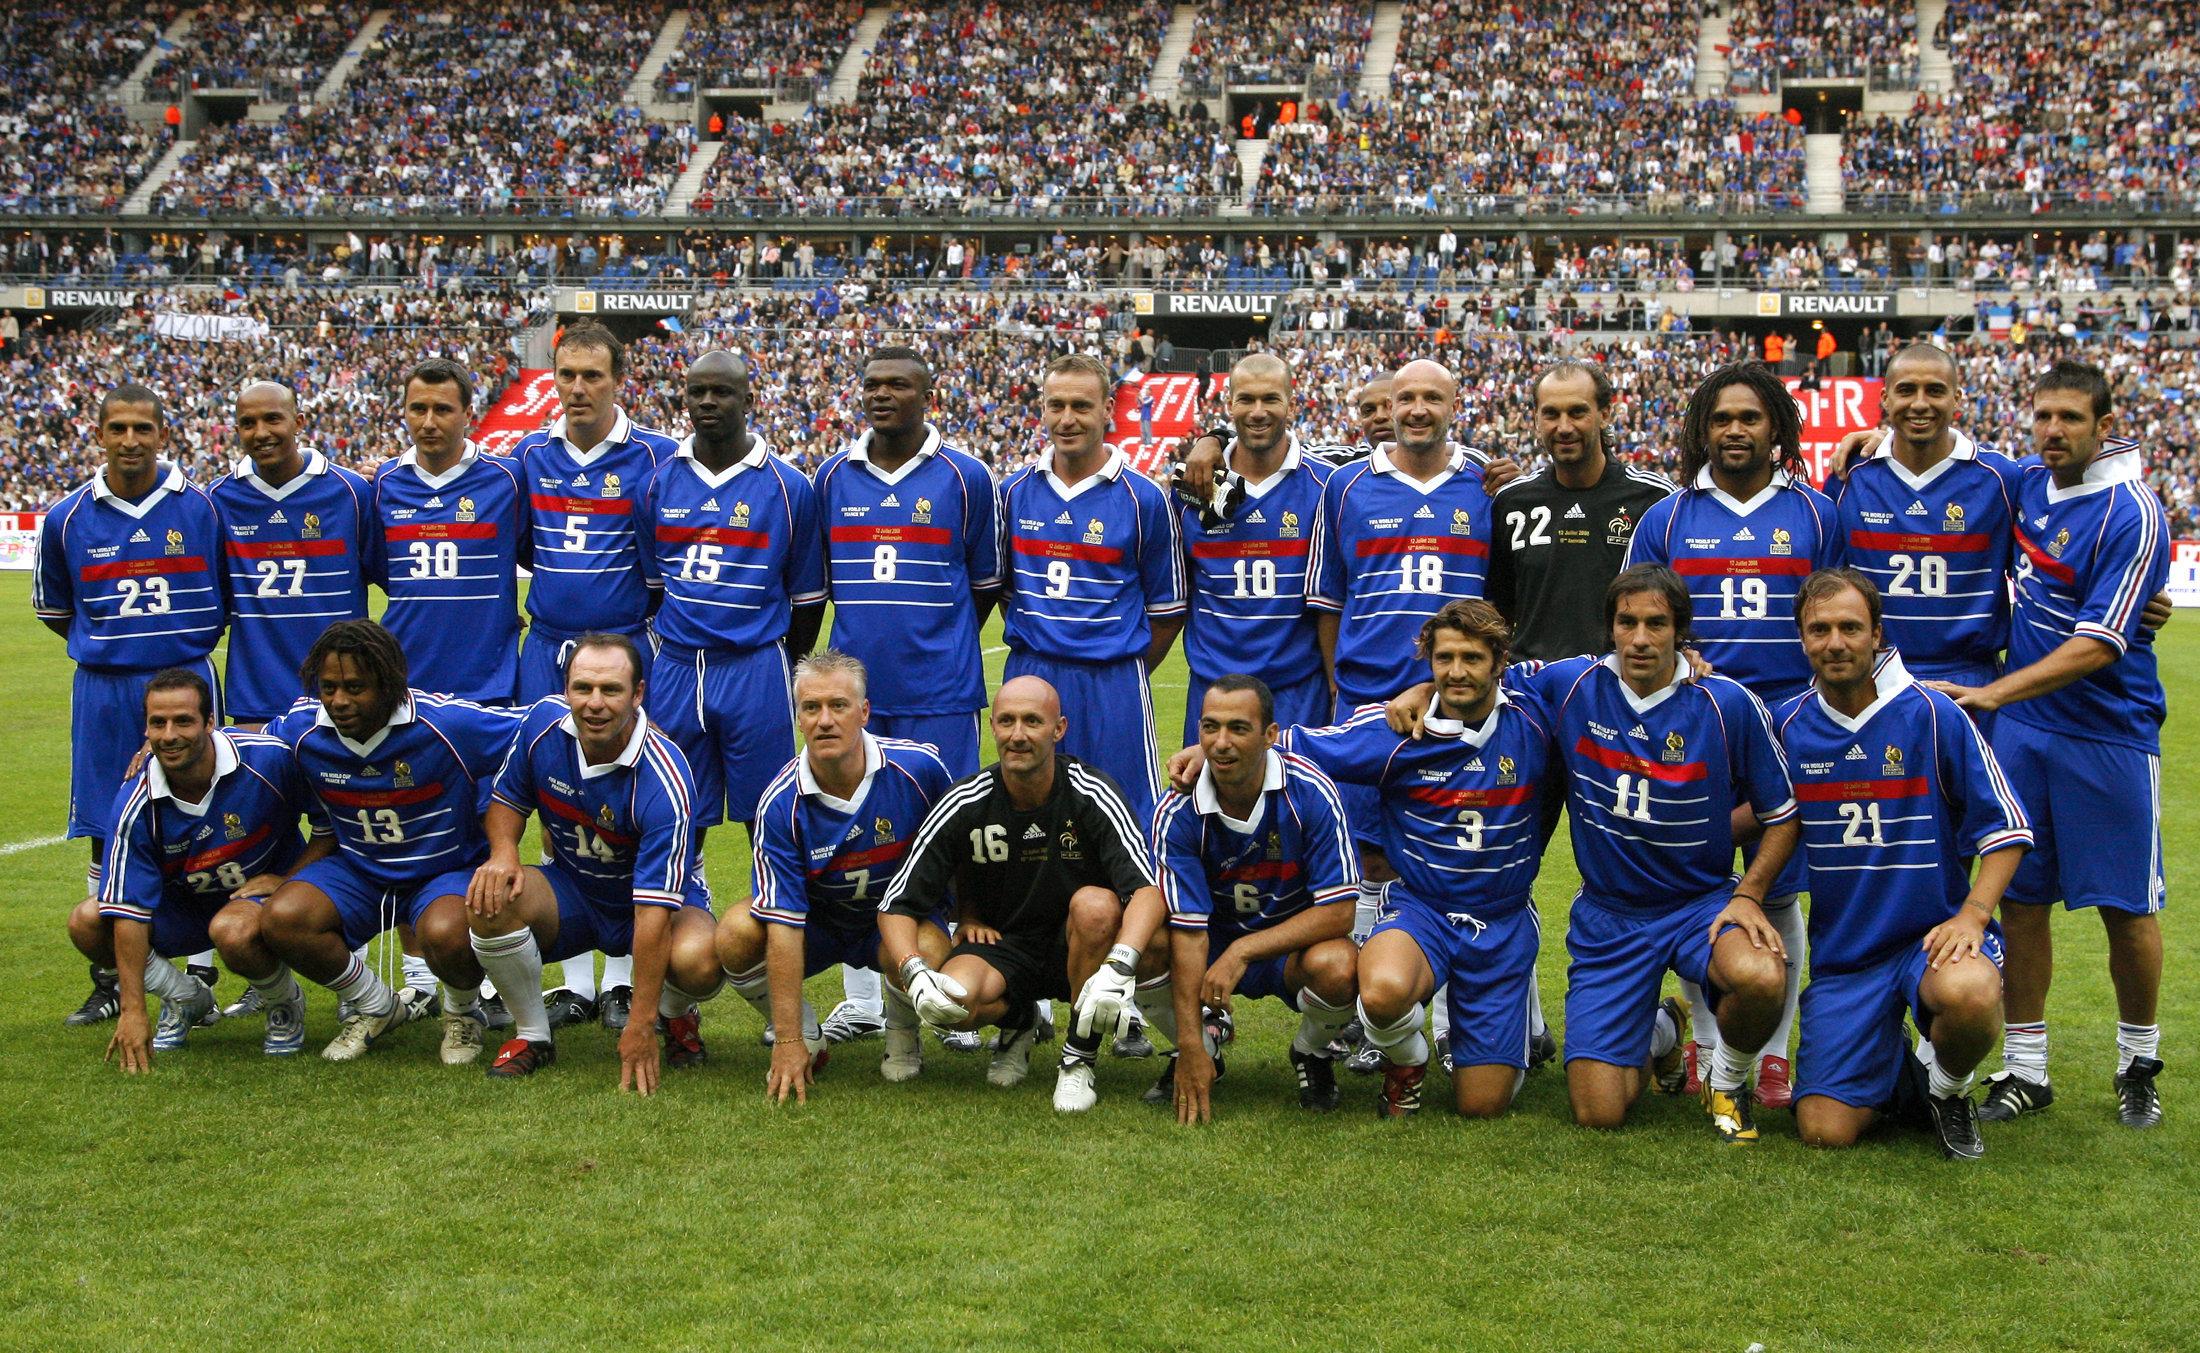 La victoire de la France à la Coupe du Monde 1998 ou l'illusion d'une France « Black, Blanc, Beur